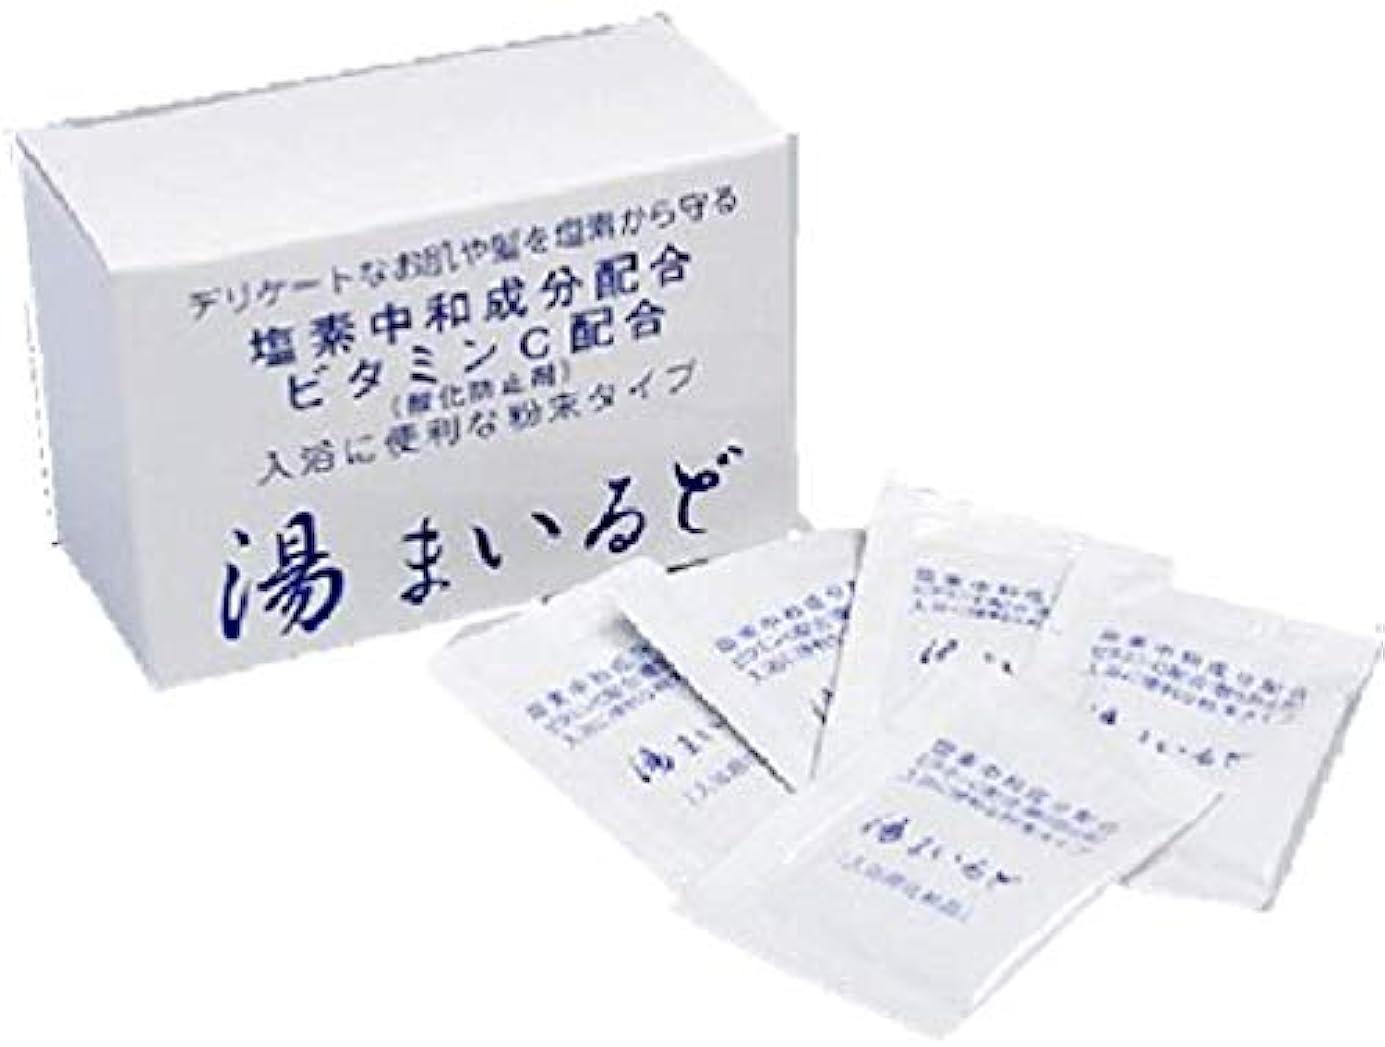 興味猫背手紙を書く「湯まいるど2箱セット」